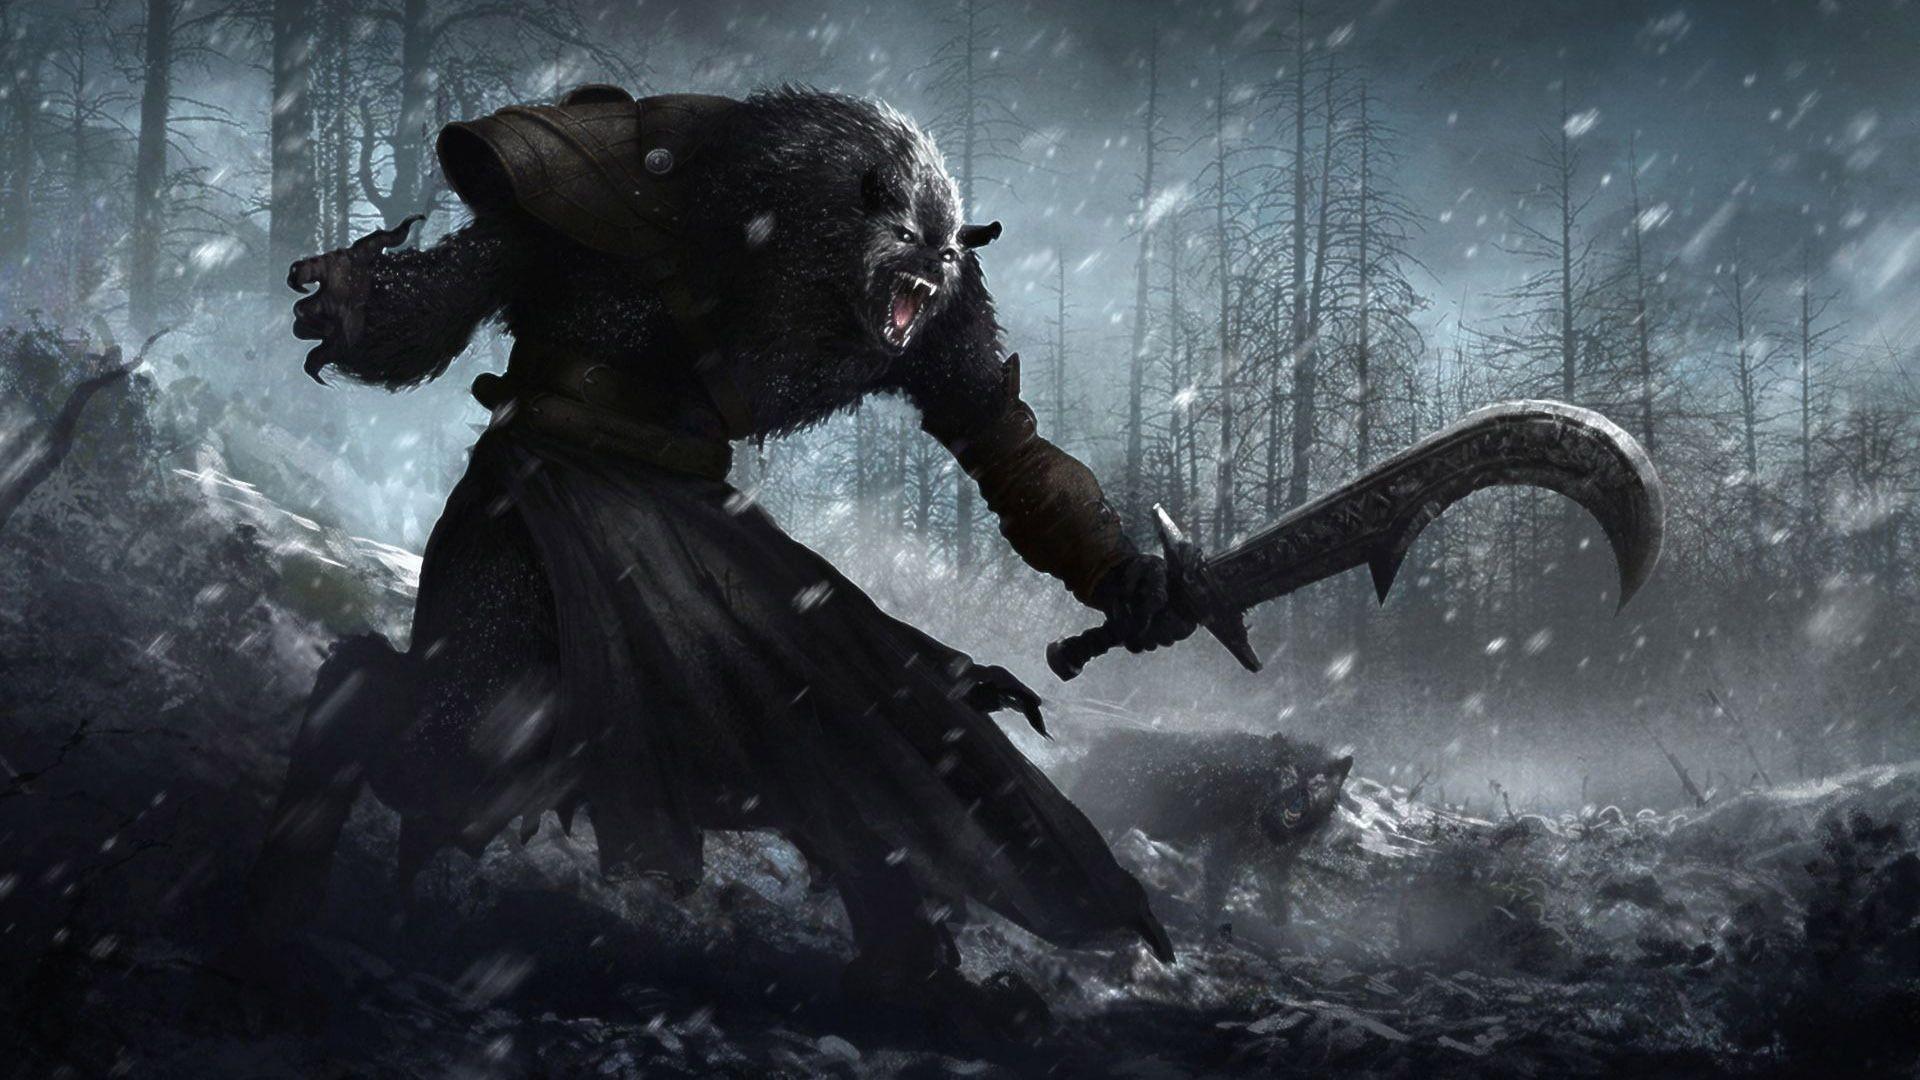 Werewolf cool wallpaper